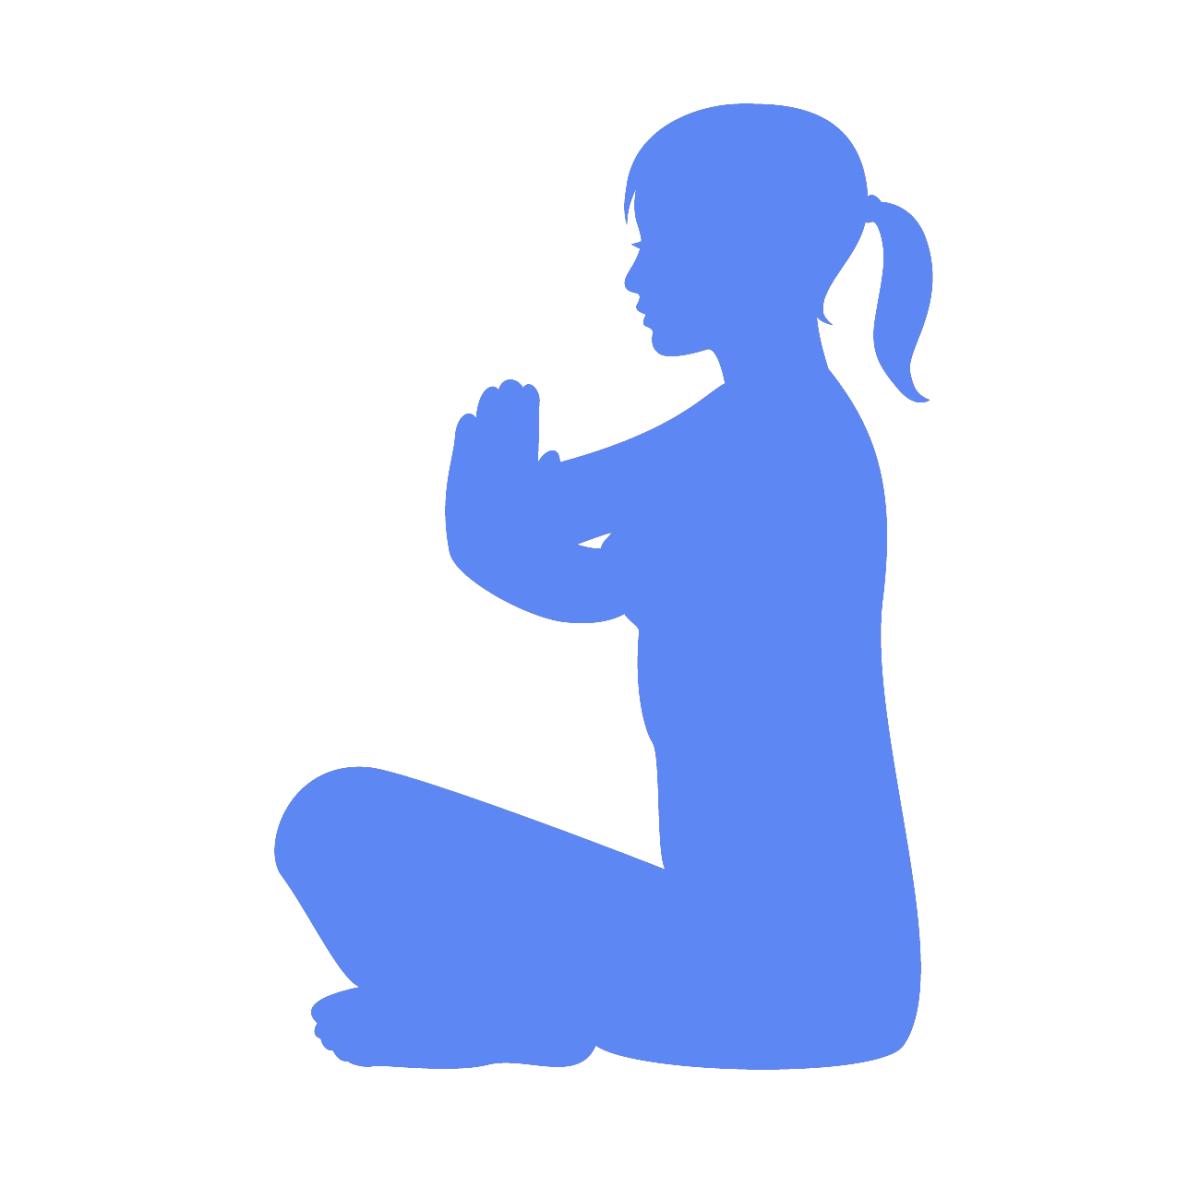 ゲシュタルト療法を表すイメージ